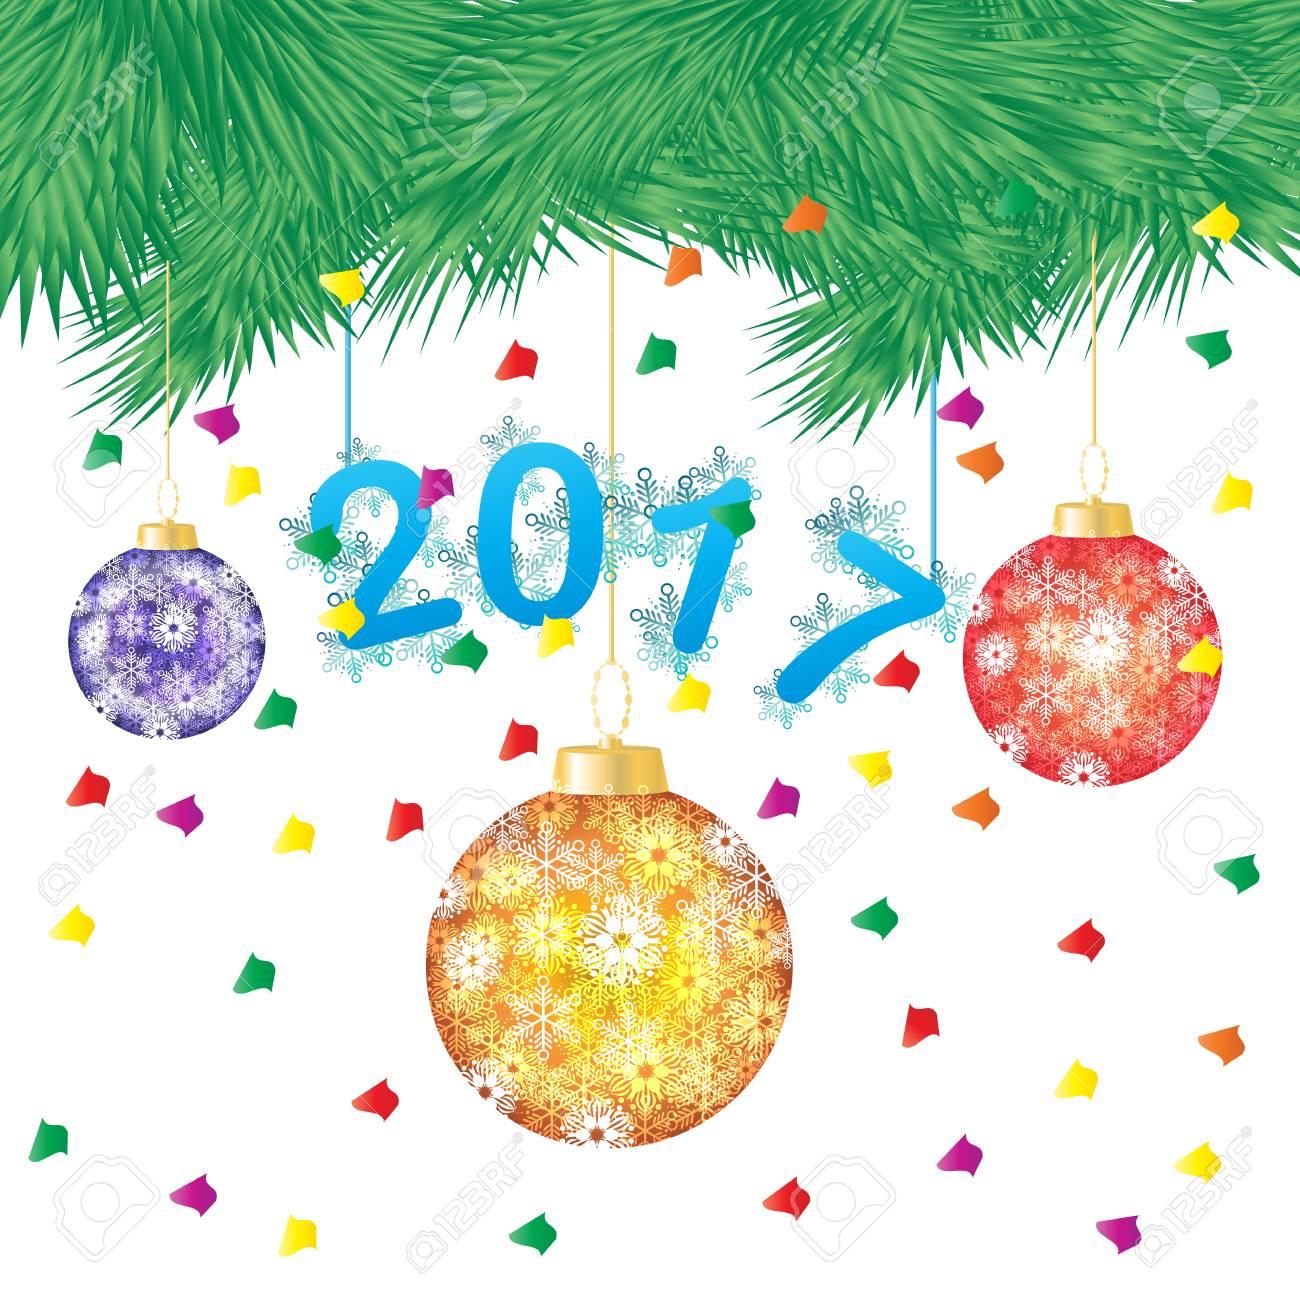 8397bea3d30 Ilustración Vectorial De Un árbol De Pino Verde O árbol De Navidad Con Colgar  Bolas De Navidad Sobre Fondo Blanco